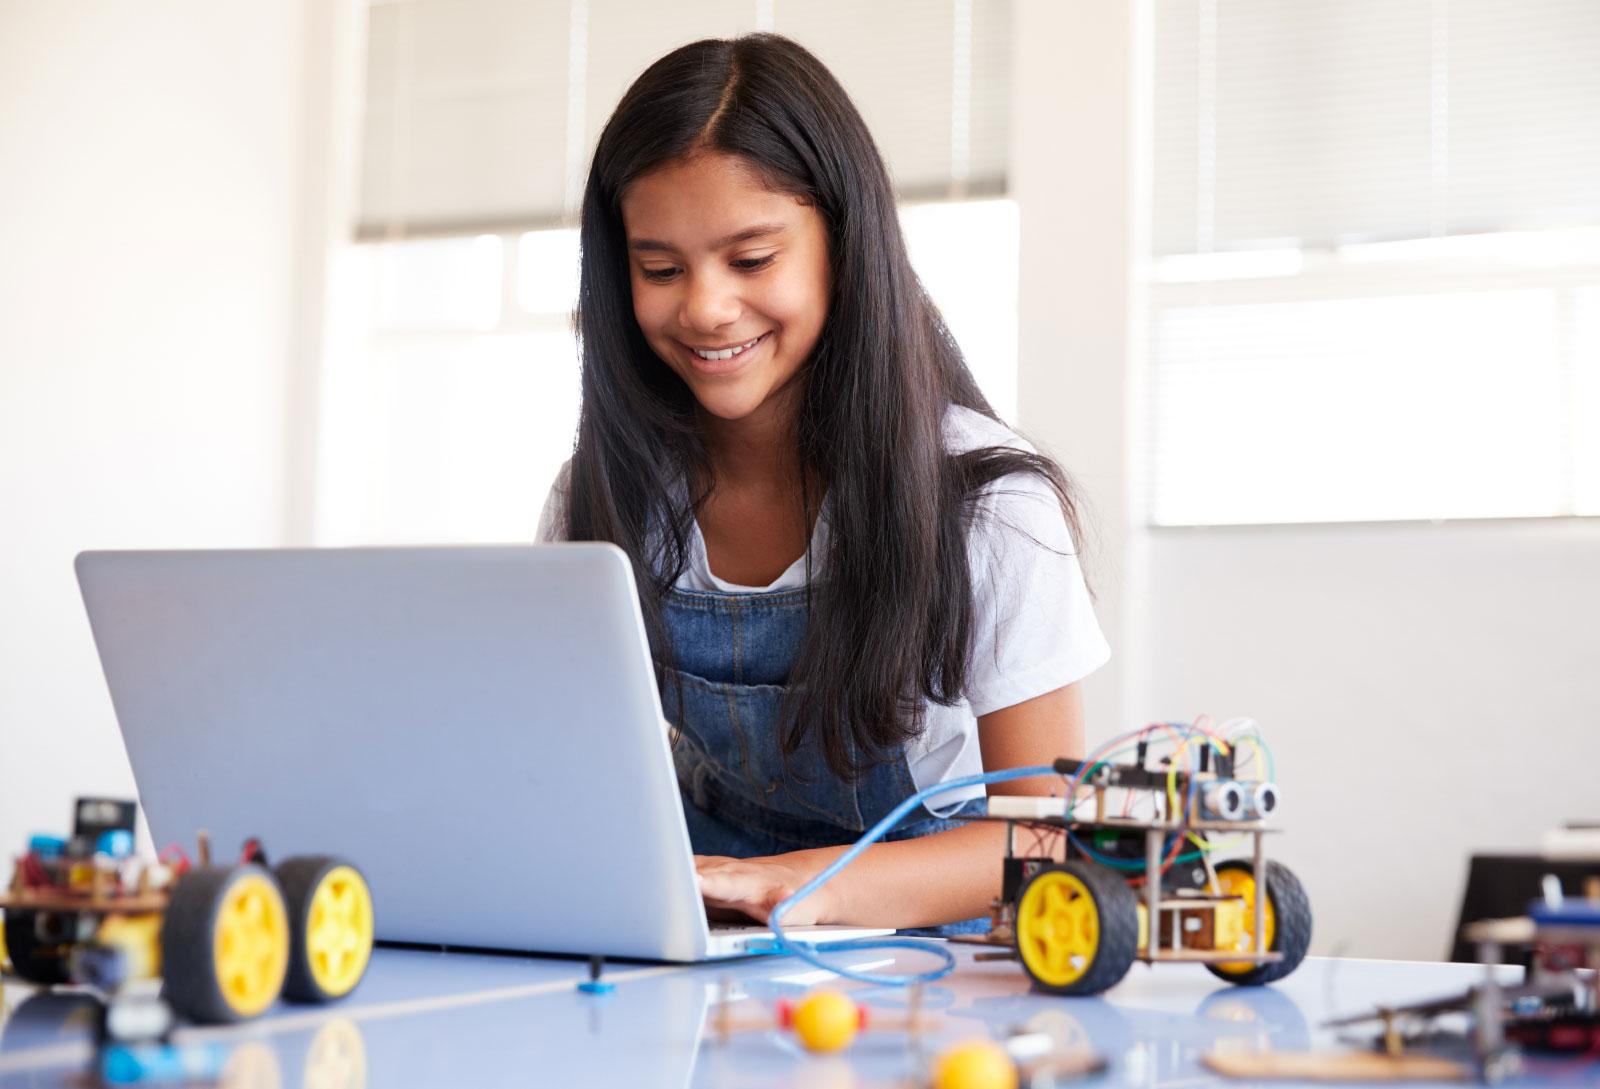 Designing Biomimetic Robots